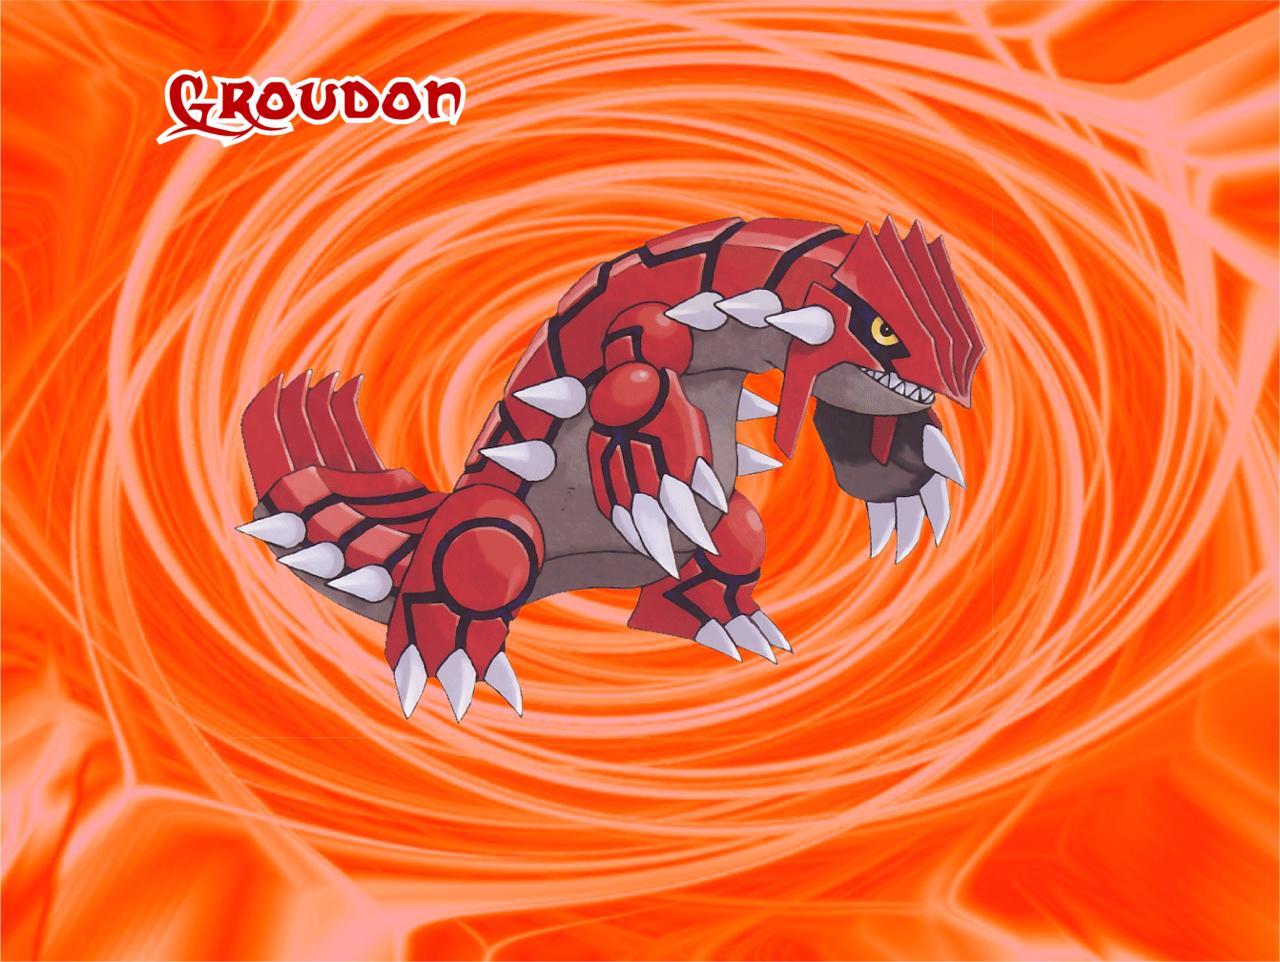 http://2.bp.blogspot.com/-YC25LaQFhdw/TuOdpSokIYI/AAAAAAAAABA/-A9yeAooPlw/s1600/Groudon-pokemon-381265_1280_962.jpg